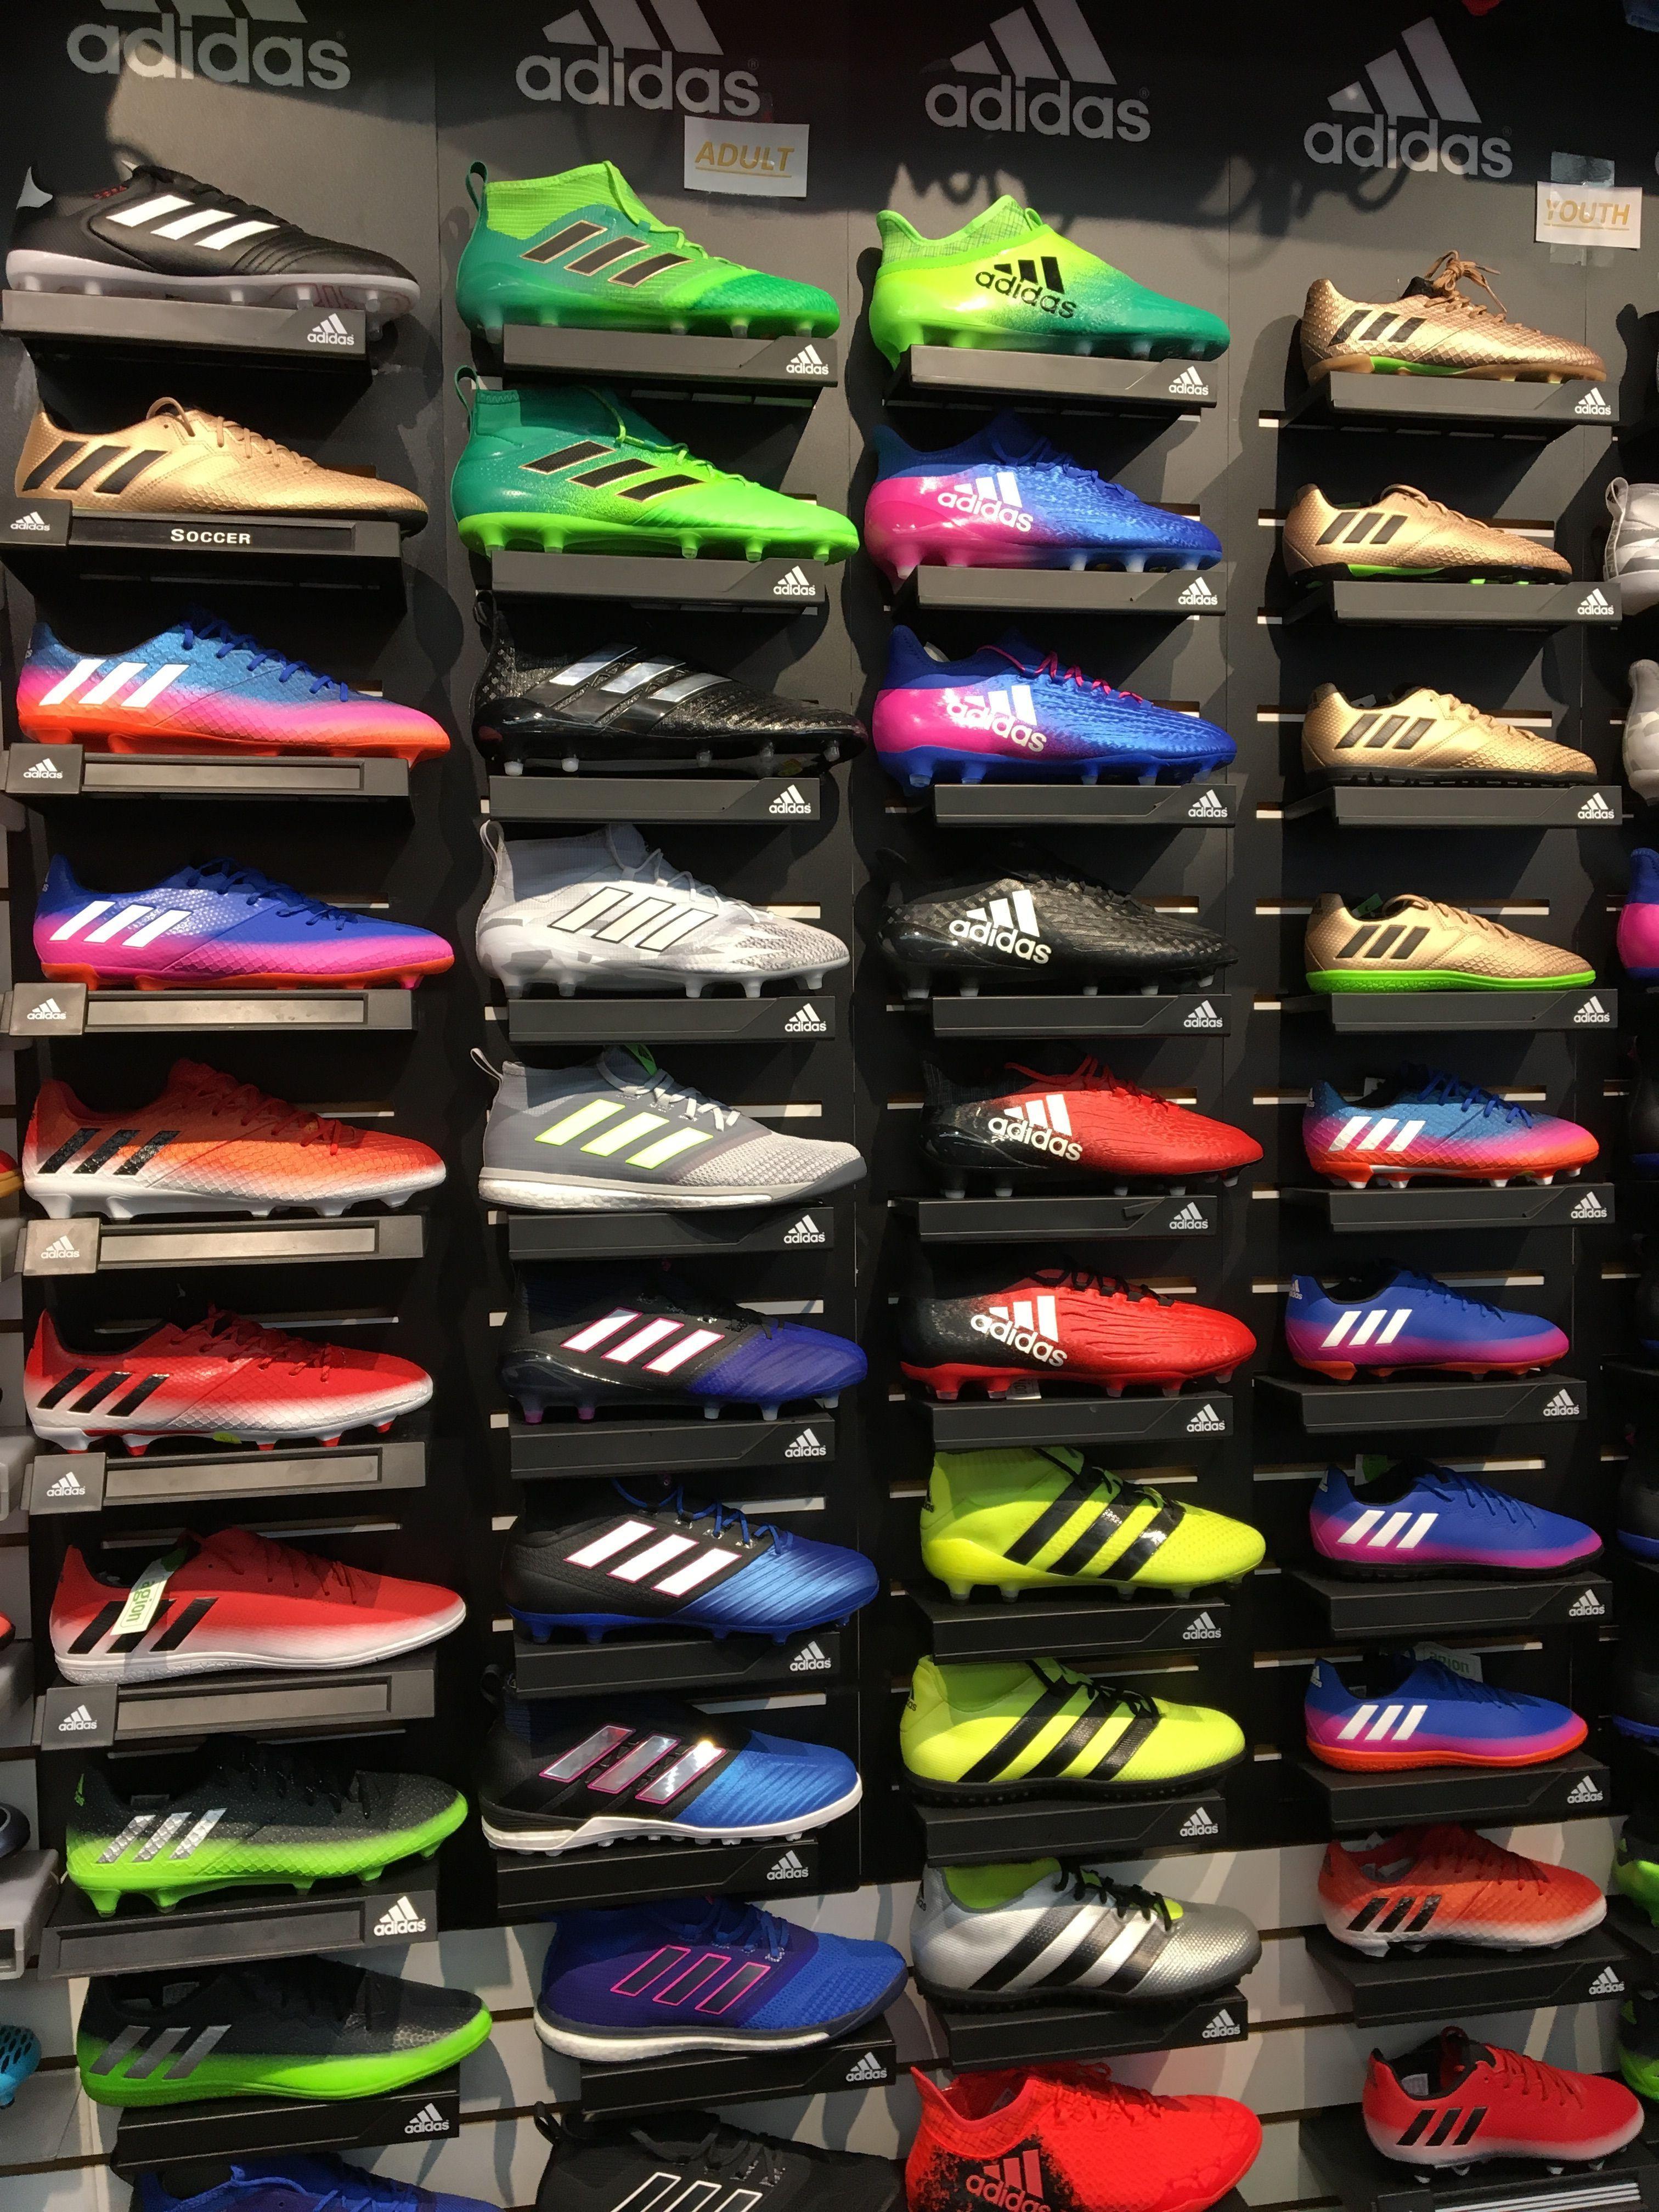 laberinto Interpersonal Disciplina  Adidas #futbolgracioso | Zapatos de fútbol nike, Botas de futbol ...